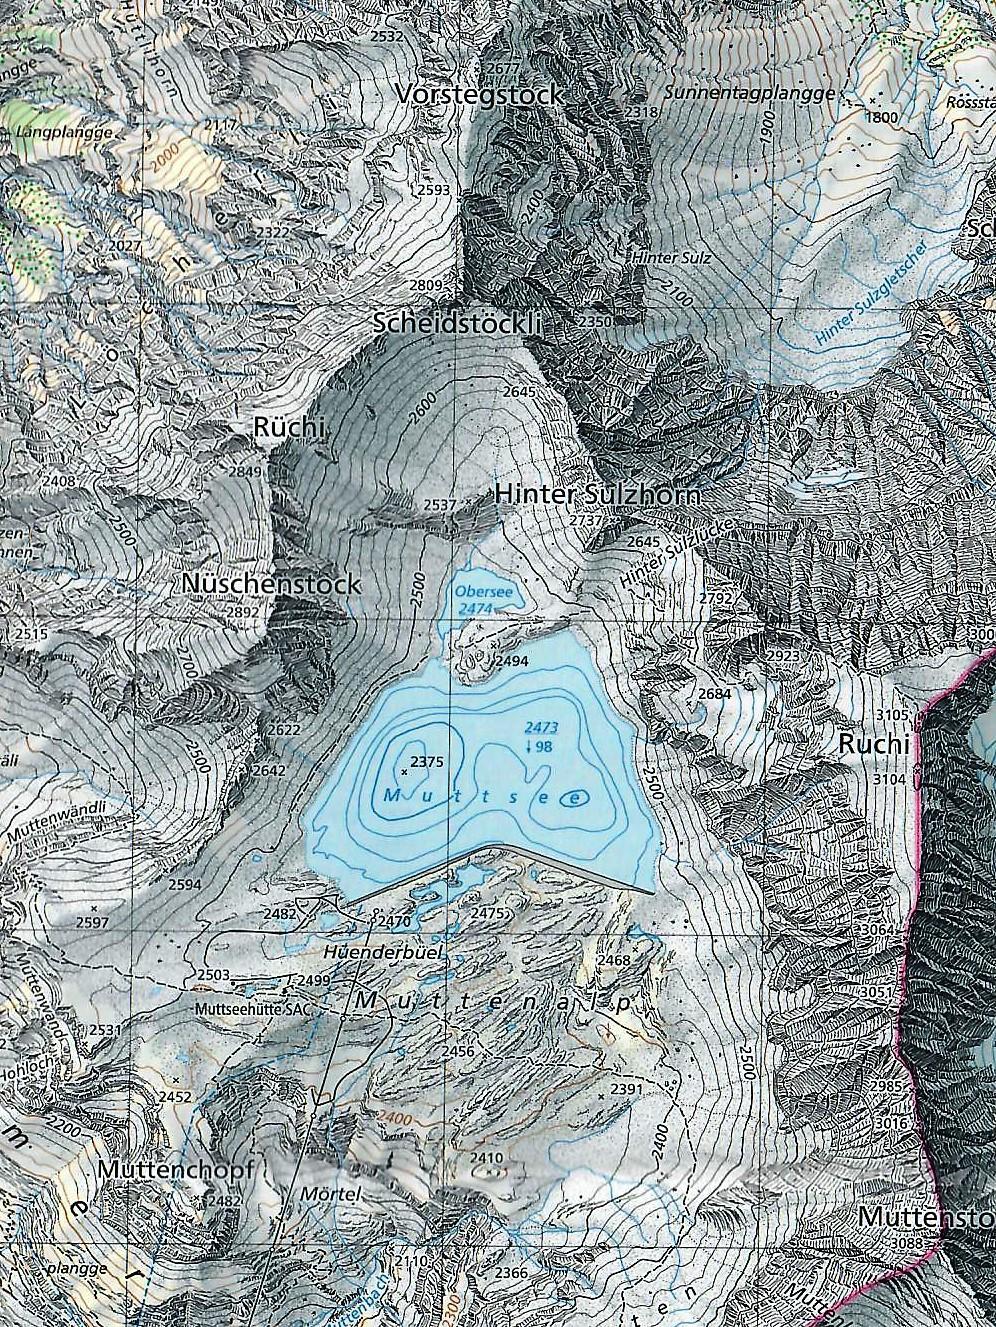 ©swisstopo | Bundesamt für Landestopographie | CH-3084 Wabern